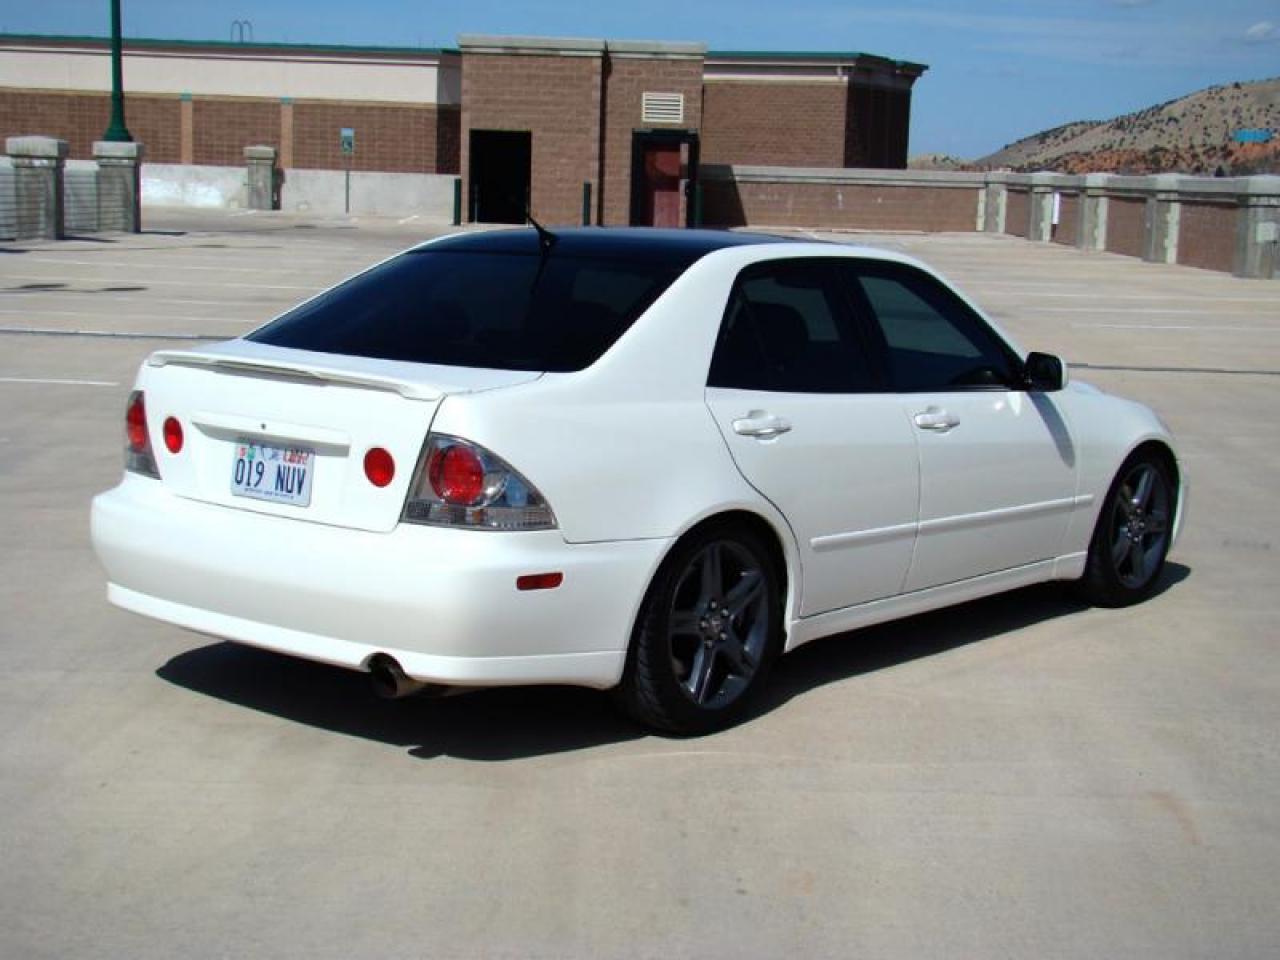 800 1024 1280 1600 Origin 2001 Lexus IS 300 ...